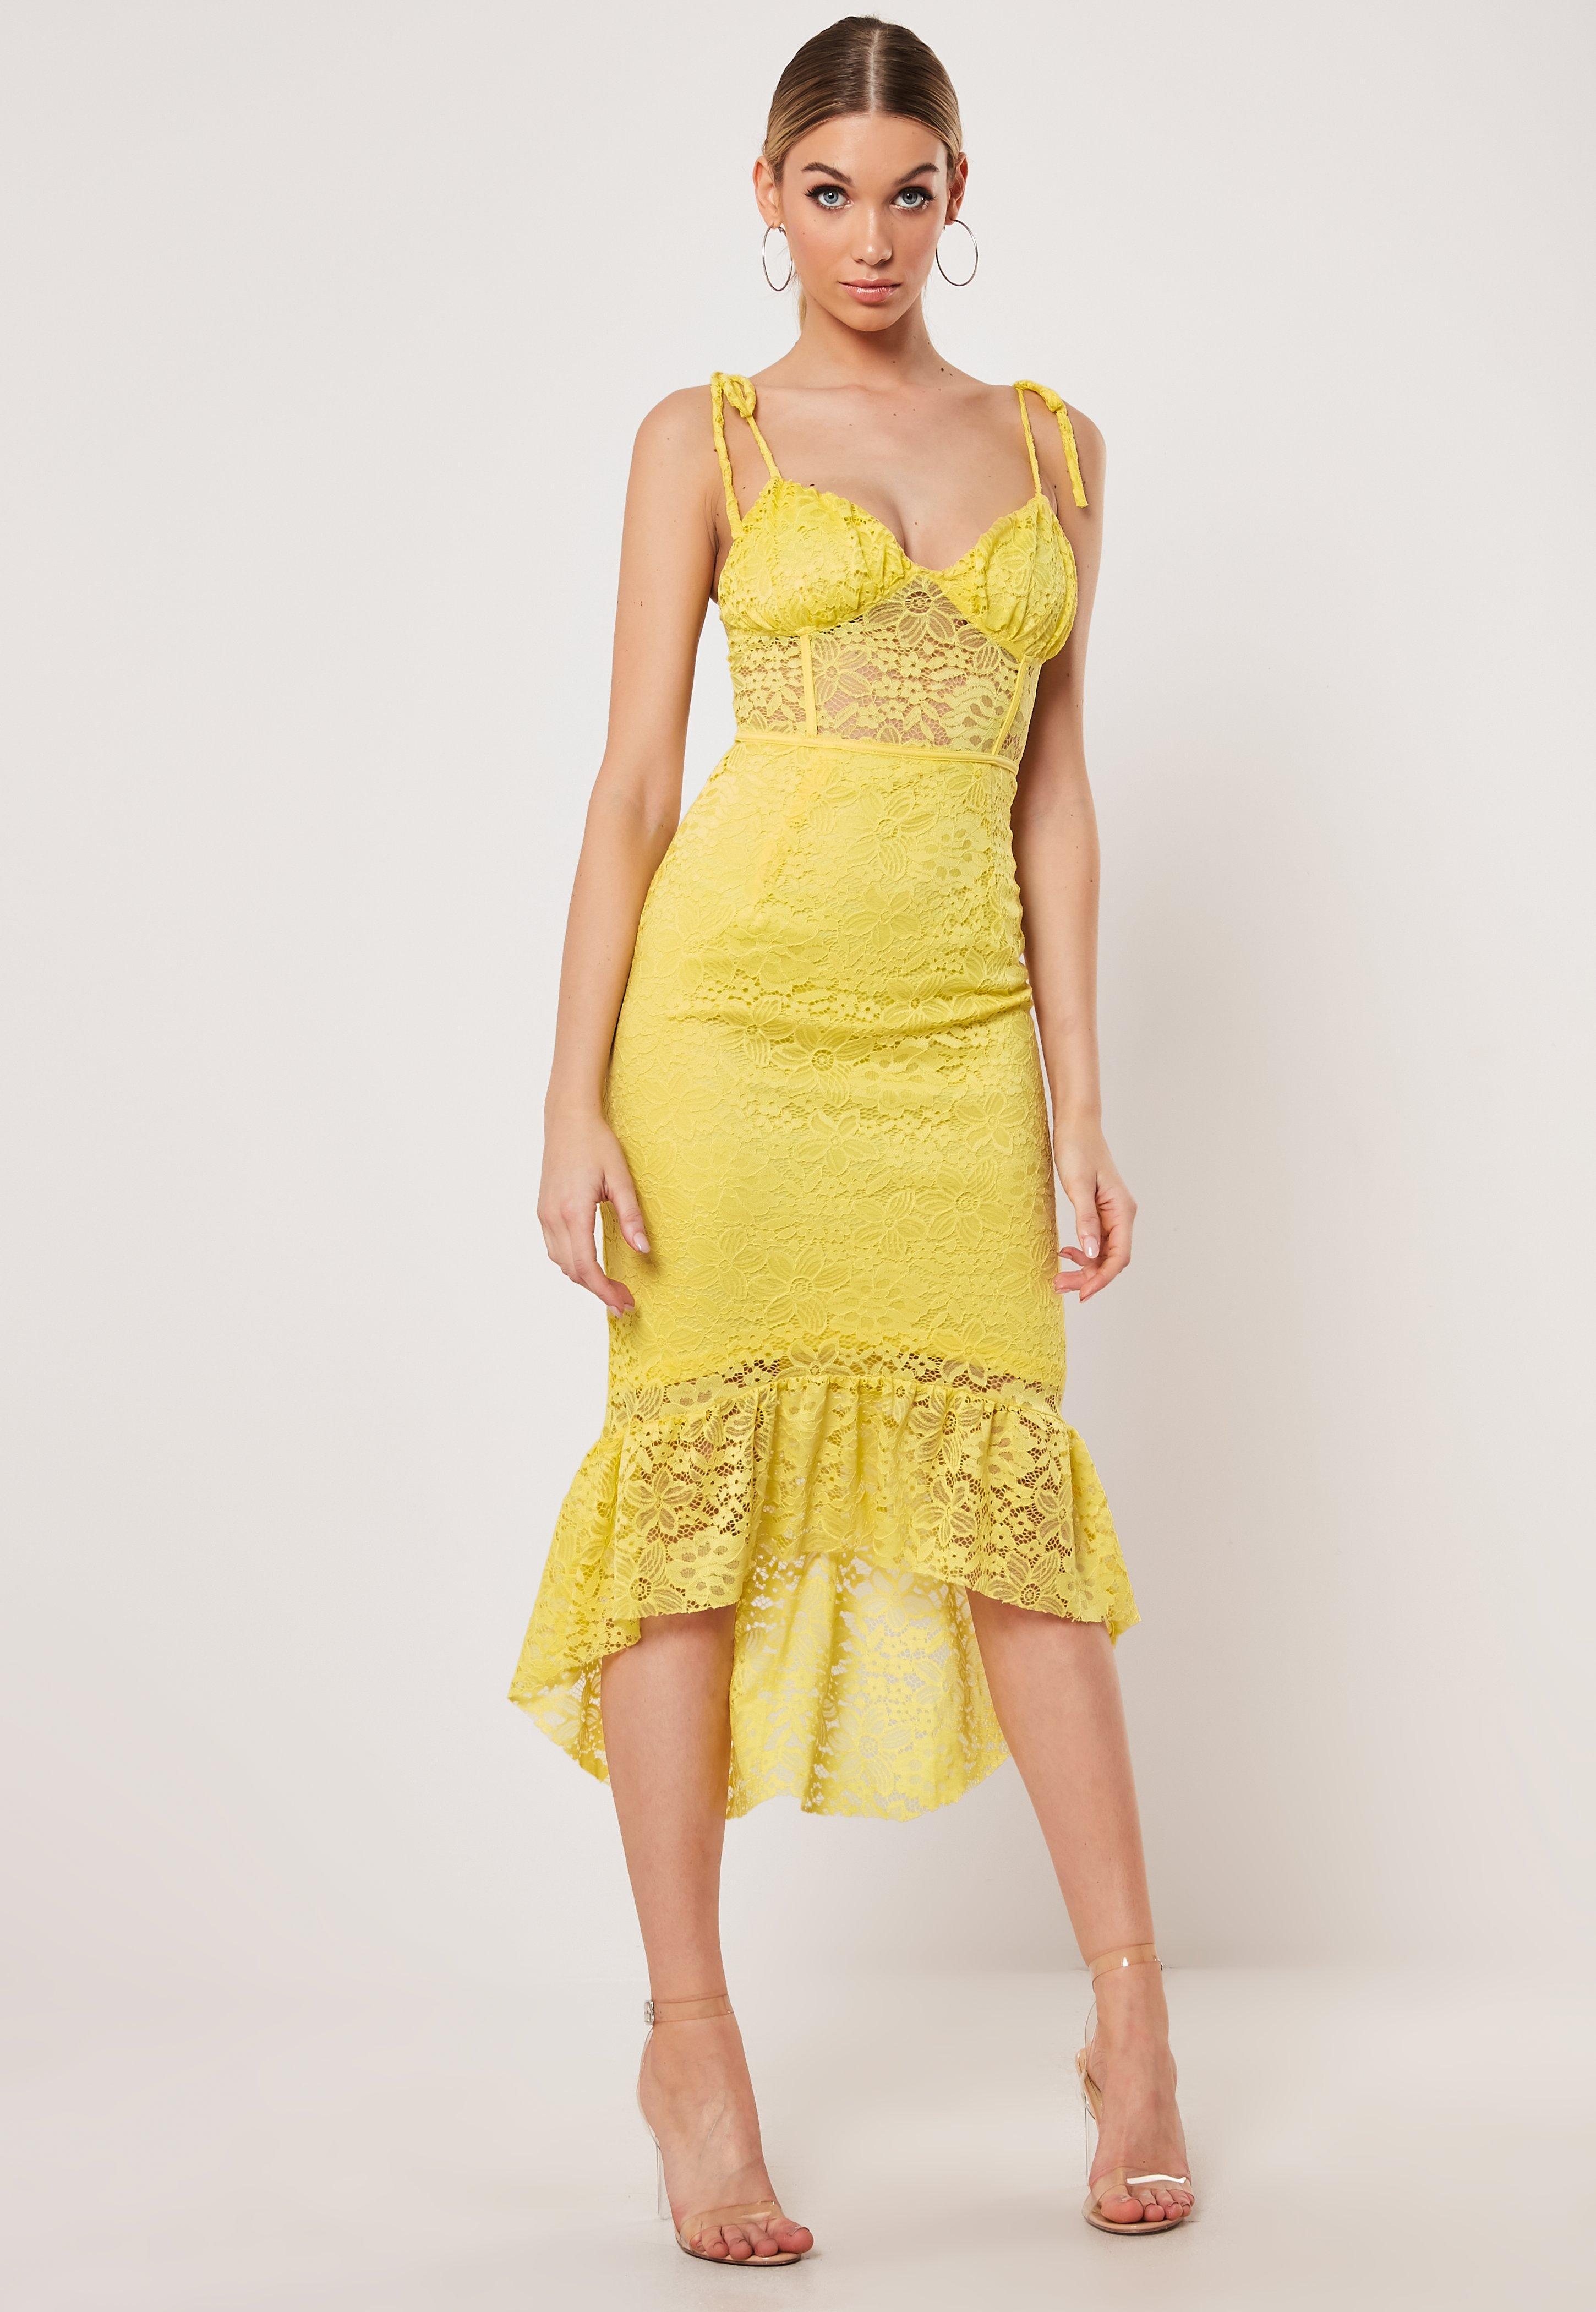 03ade6d8ede Lace Dresses